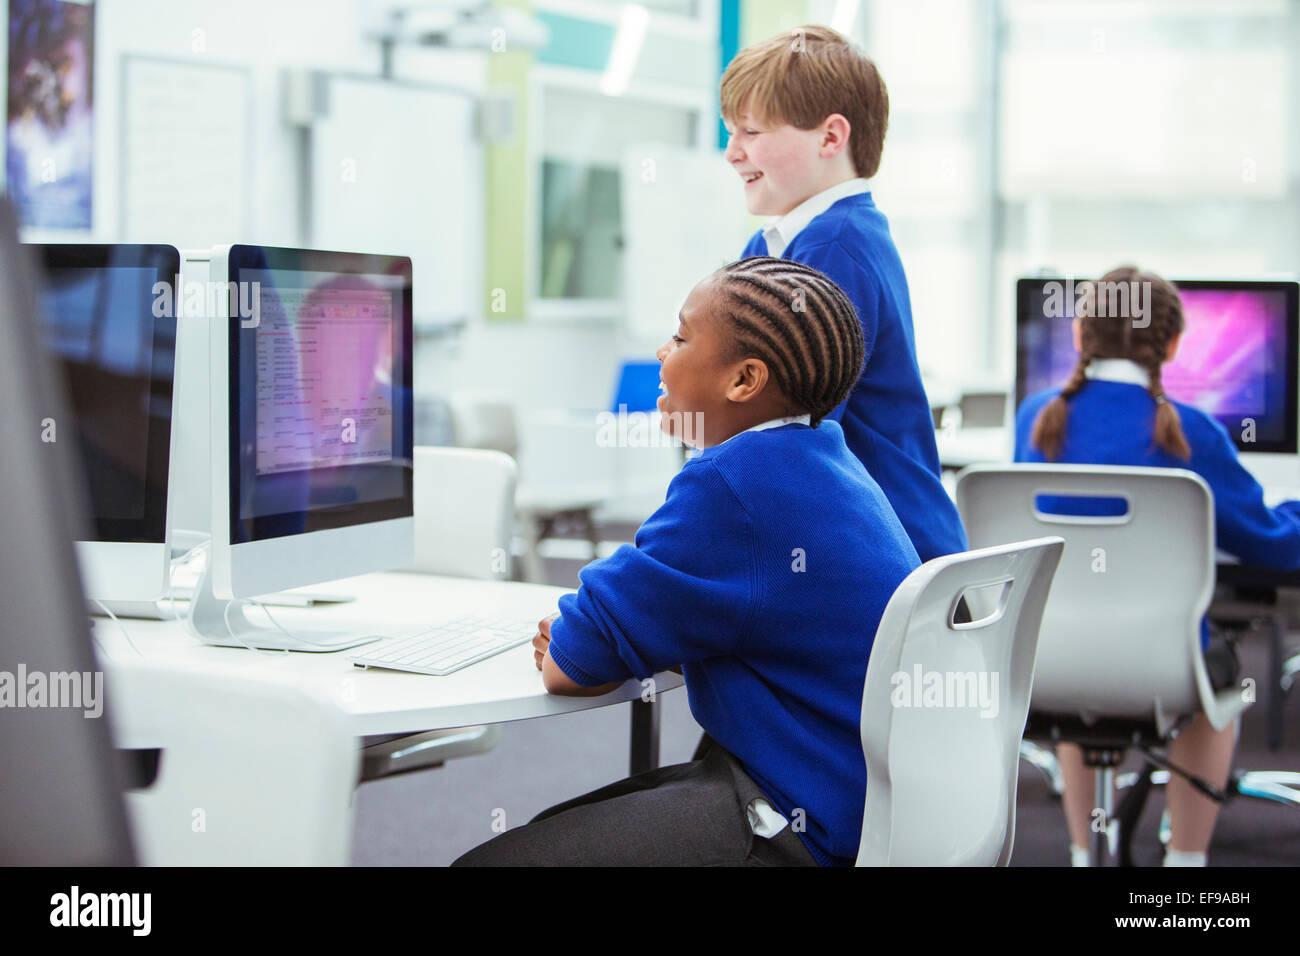 Les enfants de l'école élémentaire travailler avec les ordinateurs Photo Stock